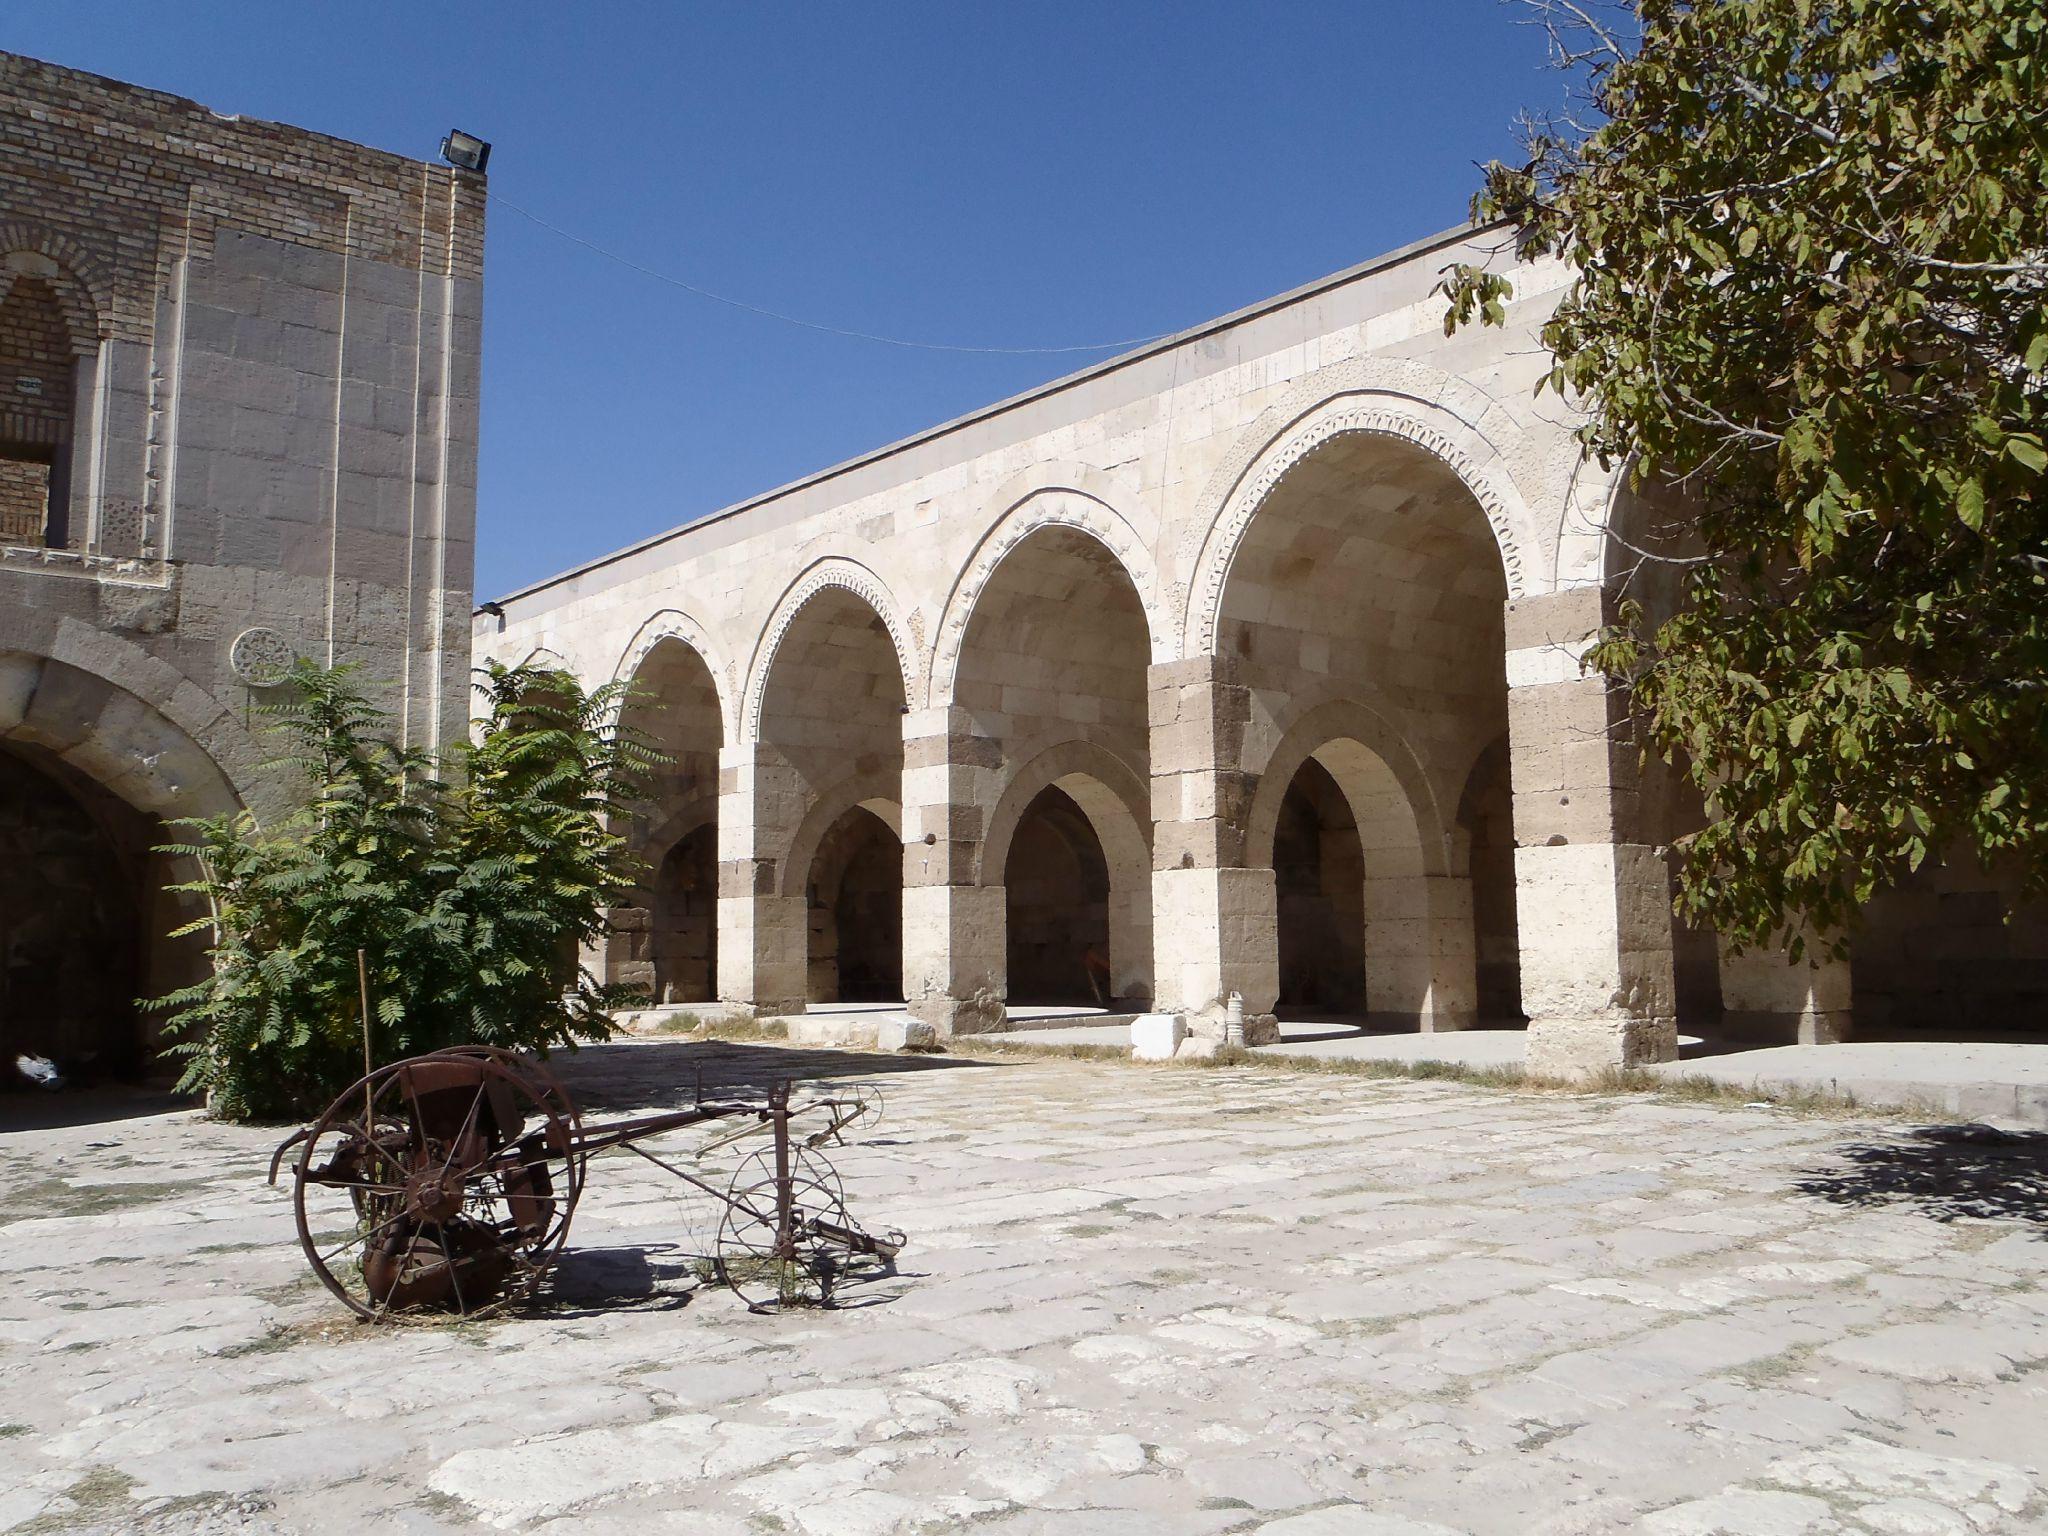 turquie caravanserail interieur sultanhani